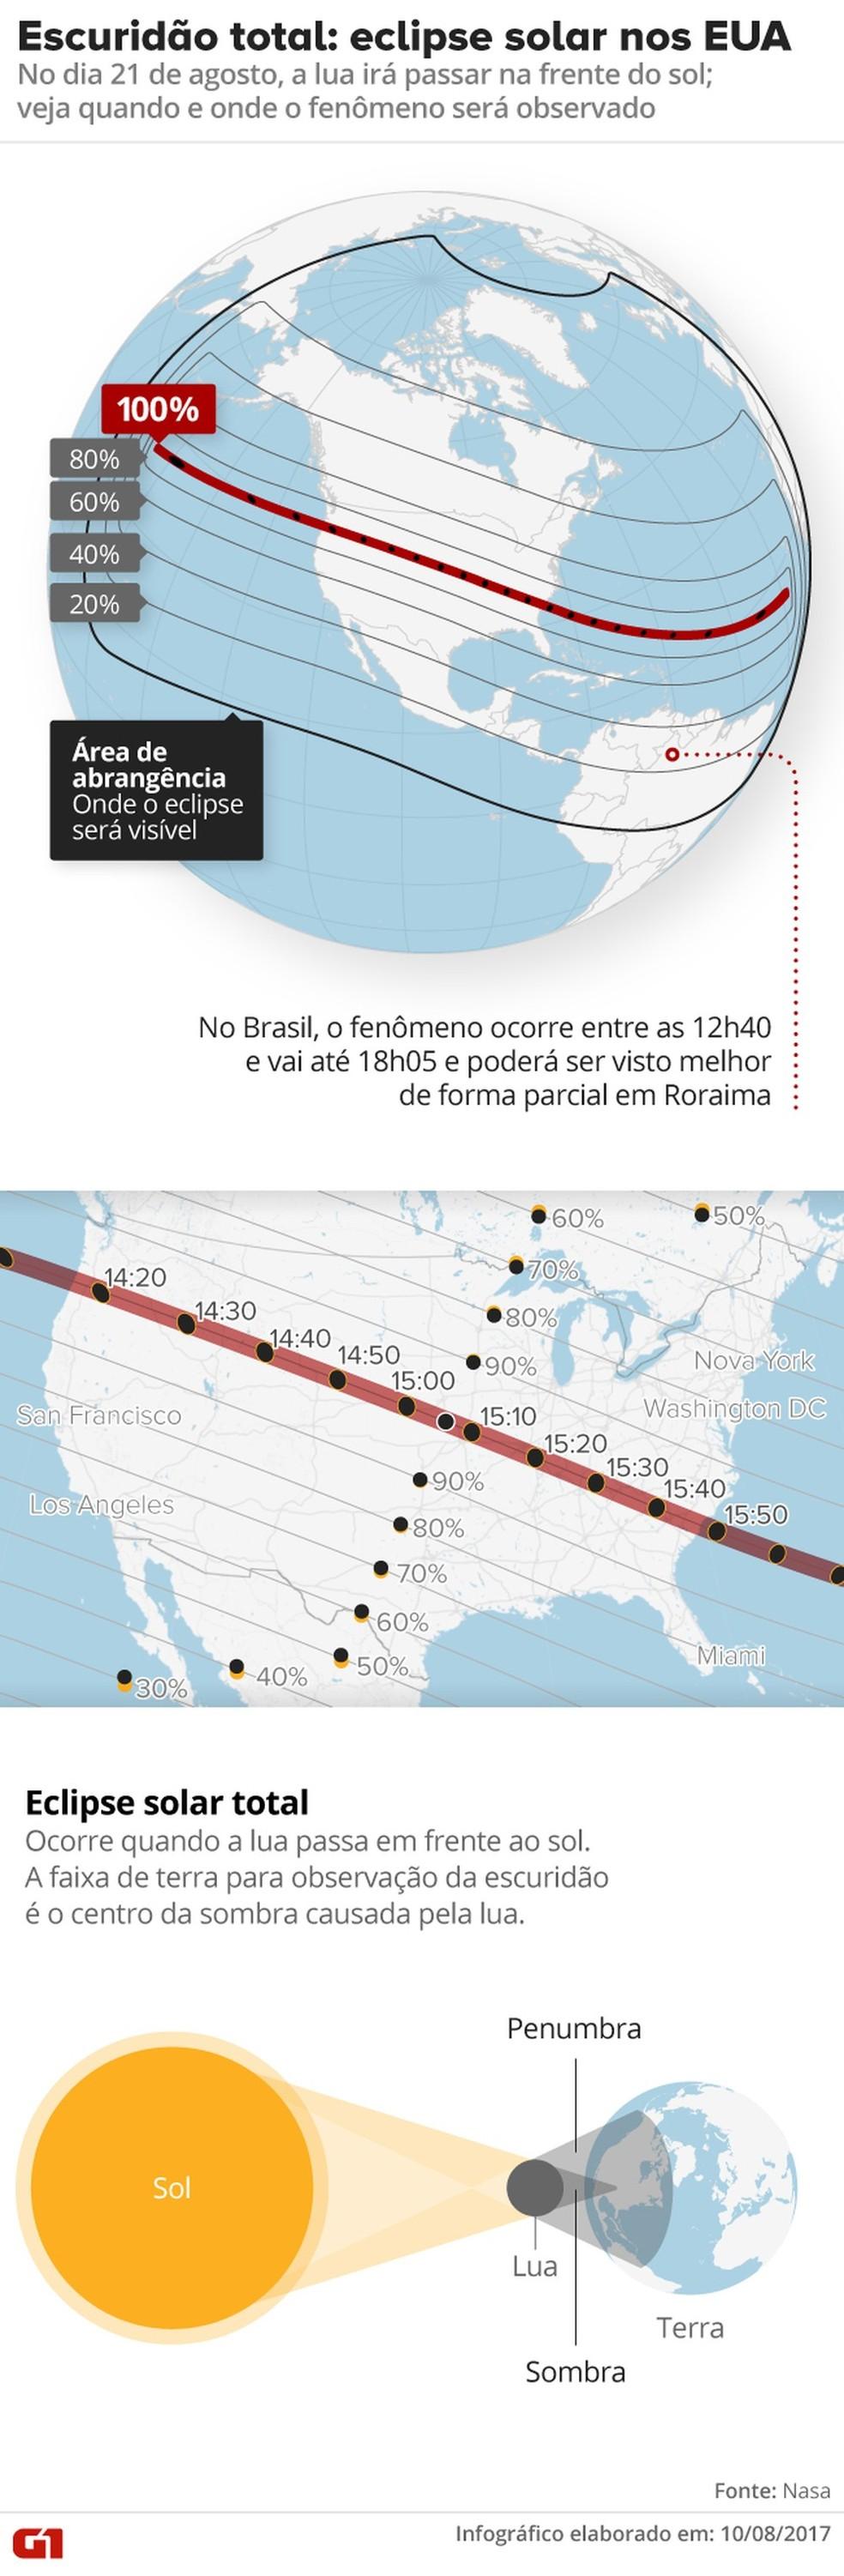 Eclipse ir cobrir o sol completamente nesta segunda eclipse solar nos eua foto arteg1 ccuart Image collections